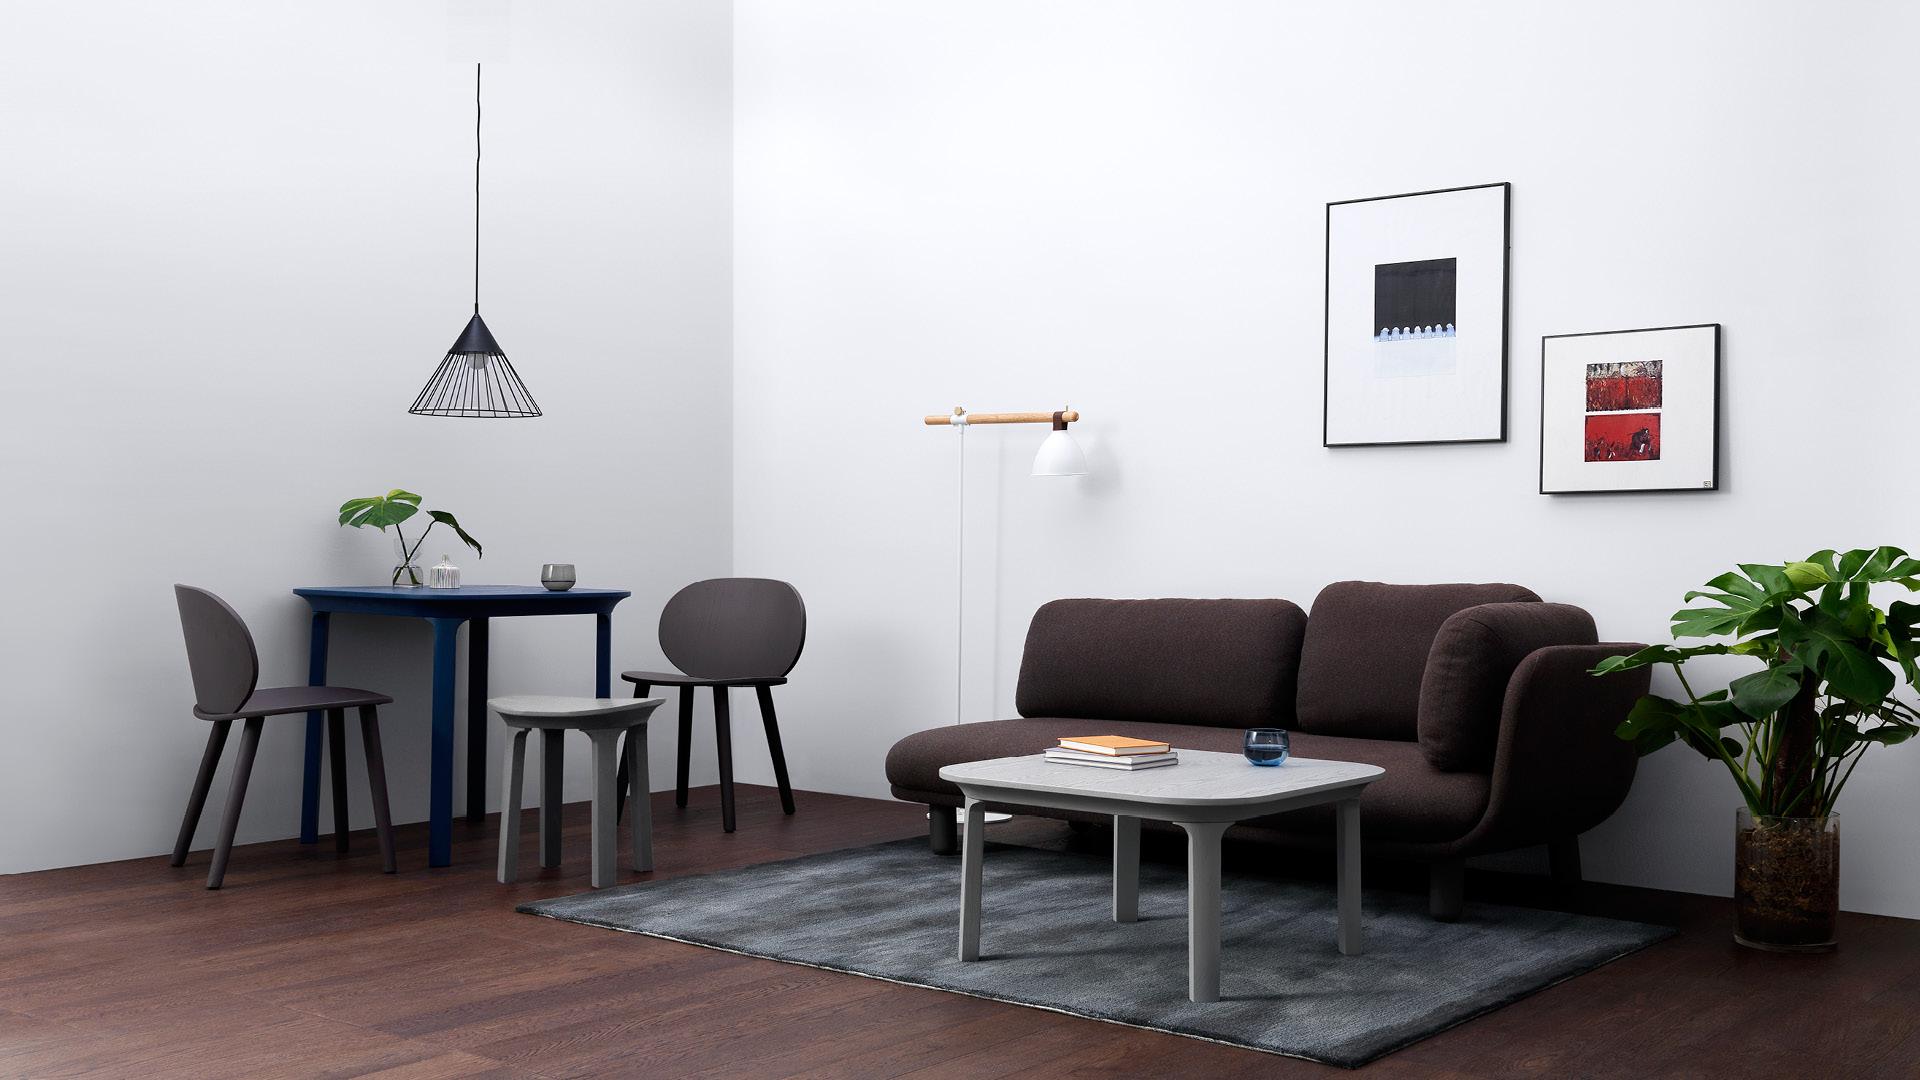 让客厅的中心围合区更有存在感,单独使用茶几地毯,或者与单人位地毯穿插使用,带来更舒适的起居氛围。?x-oss-process=image/format,jpg/interlace,1